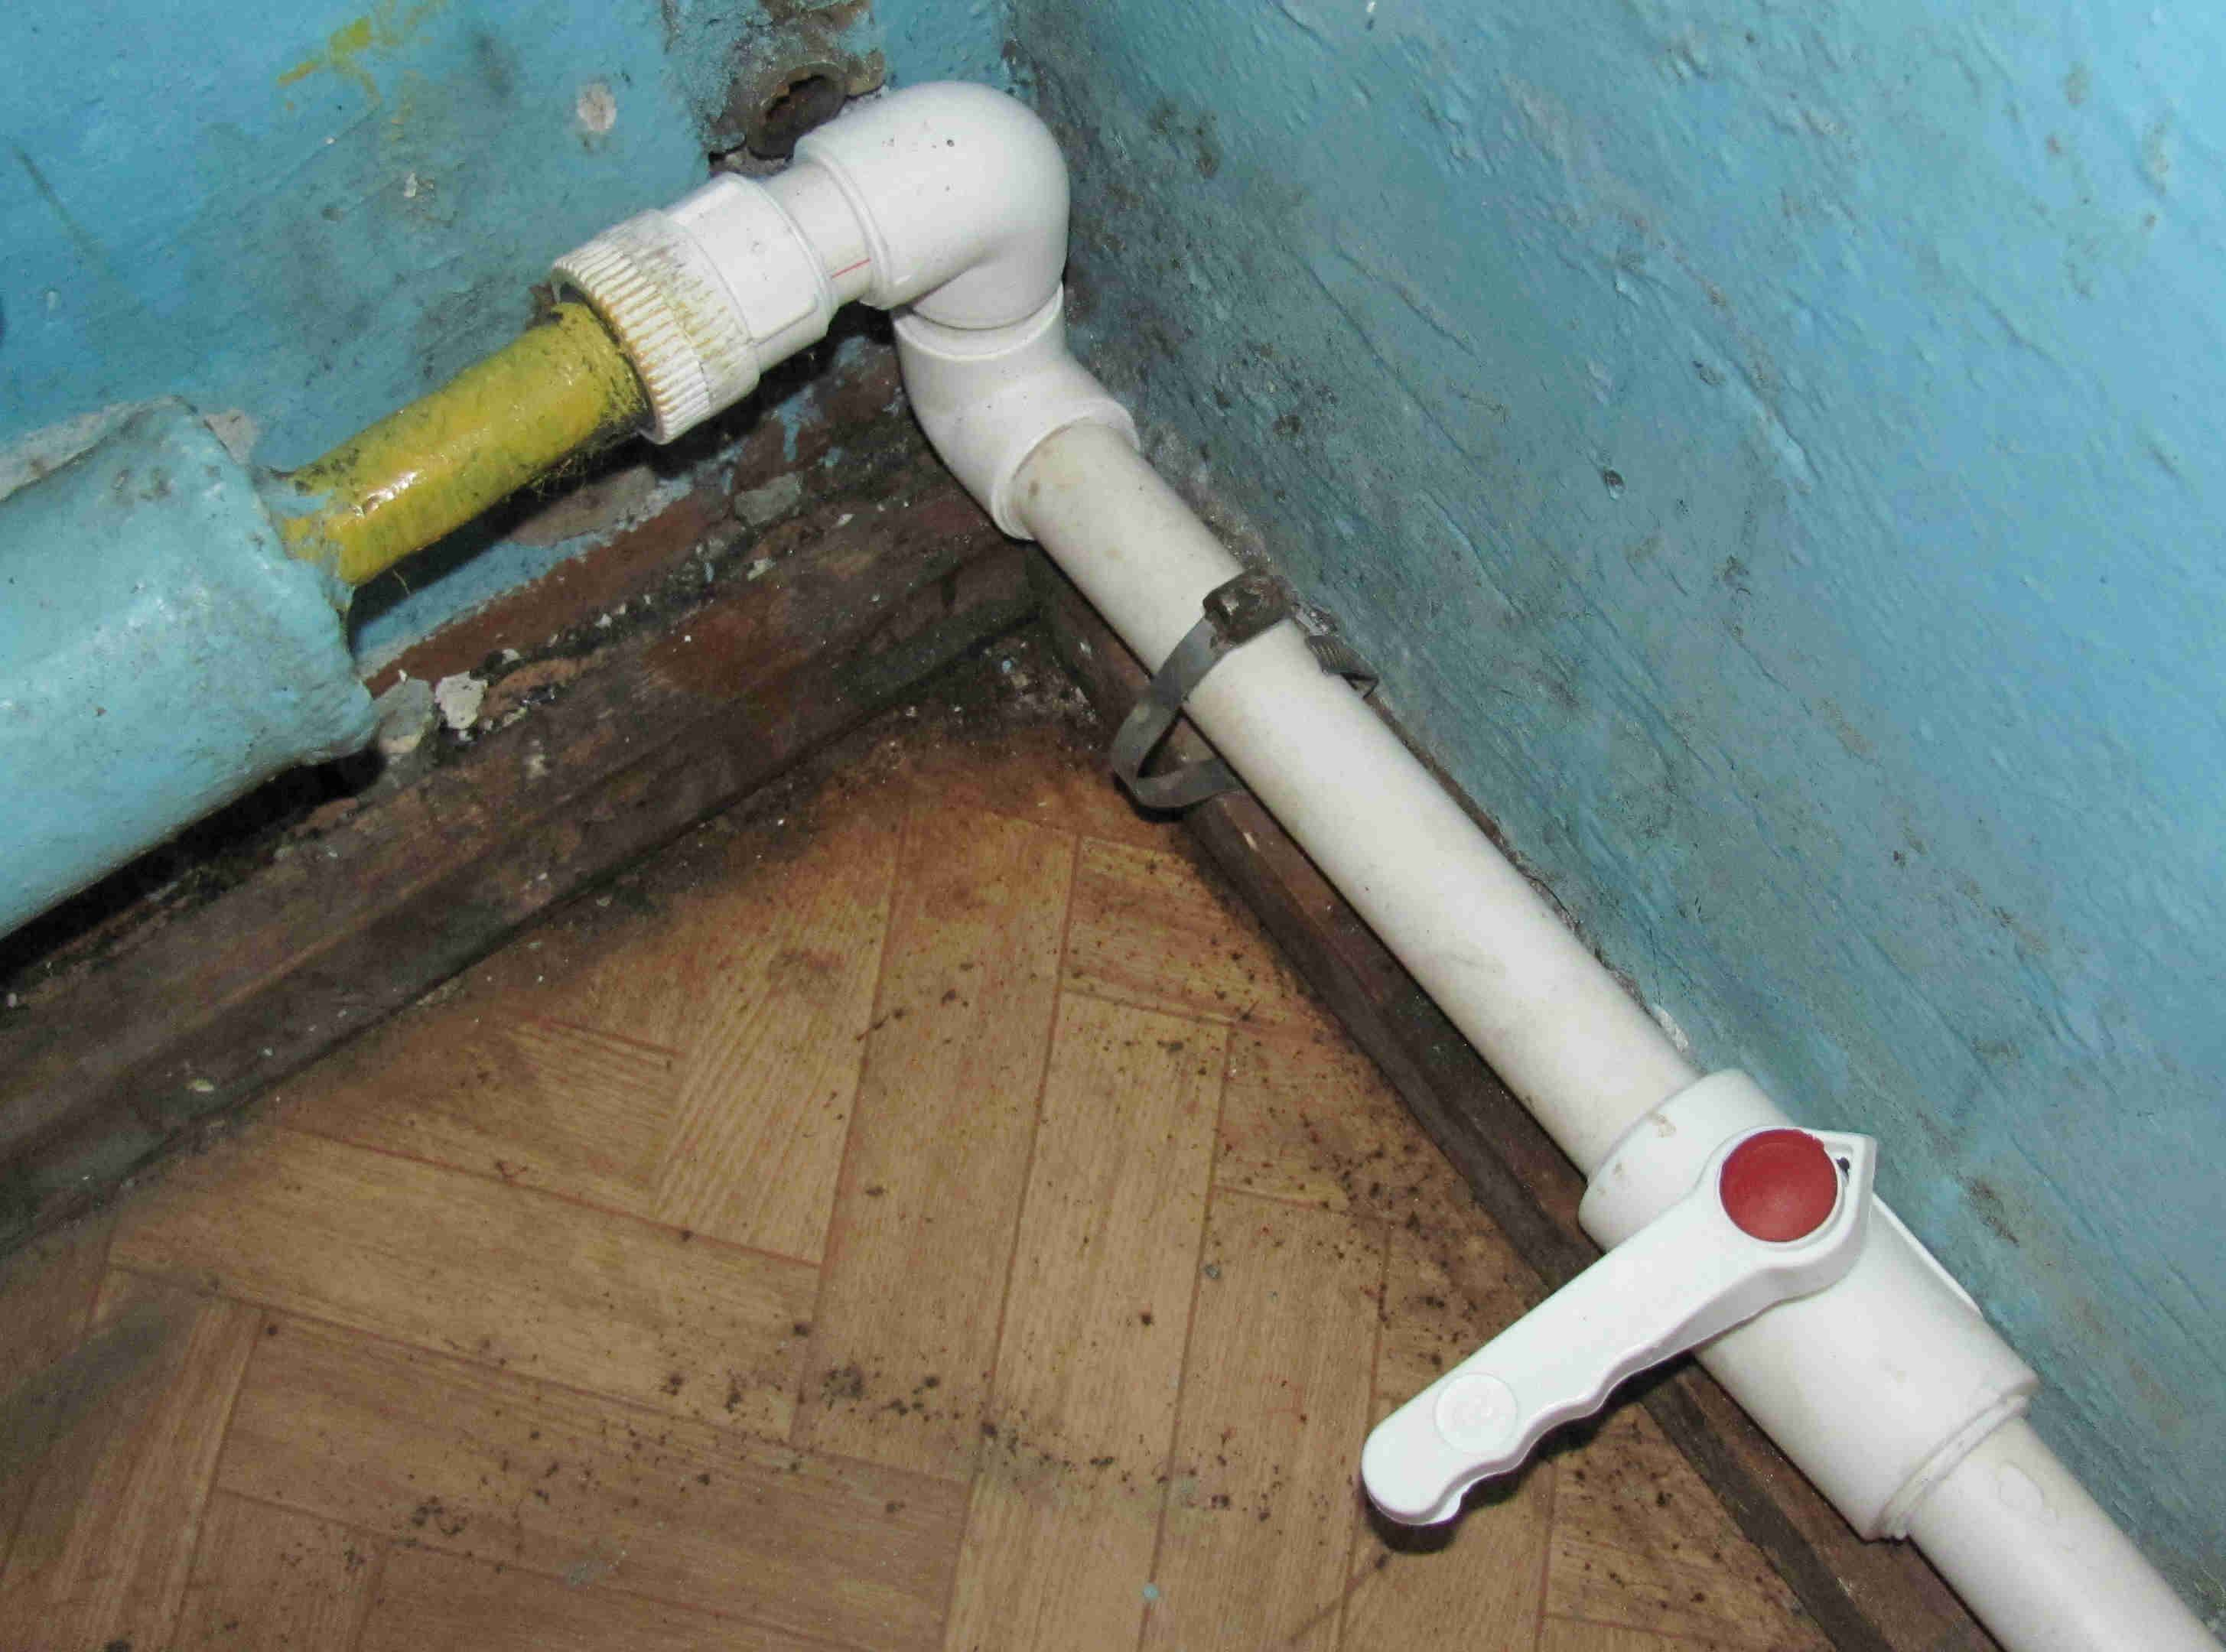 Как соединить пластиковые трубы без пайки и сварки: полипропиленовые, пнд, пвх